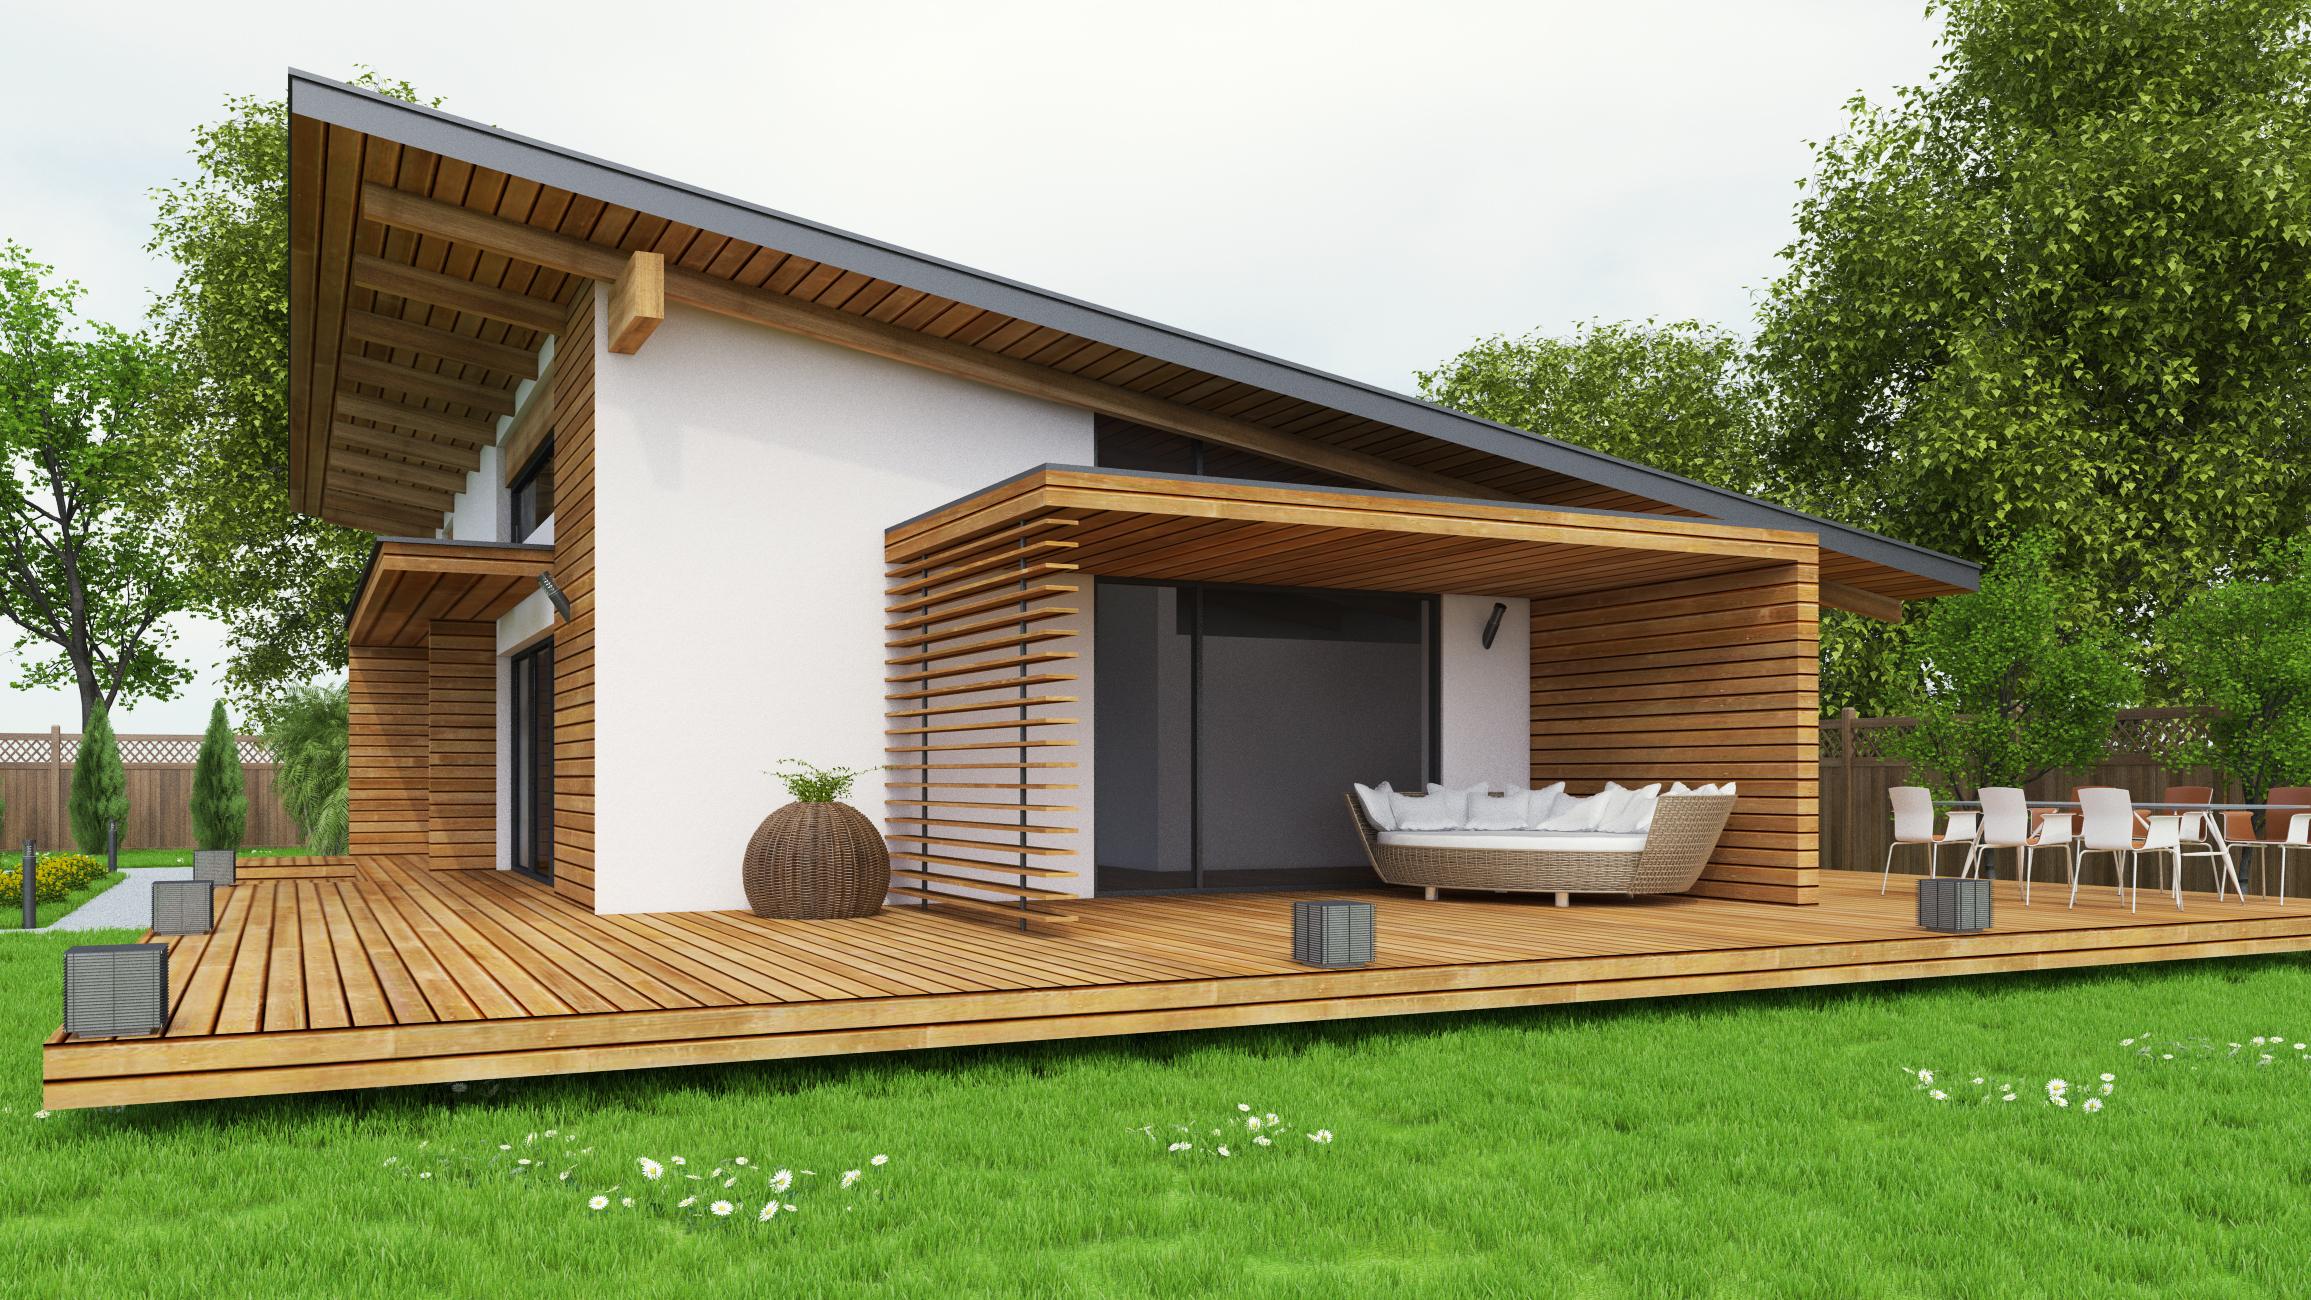 Connu Construire Une Maison De 100m2. Gallery Of Prix Maison Neuve M  DJ19